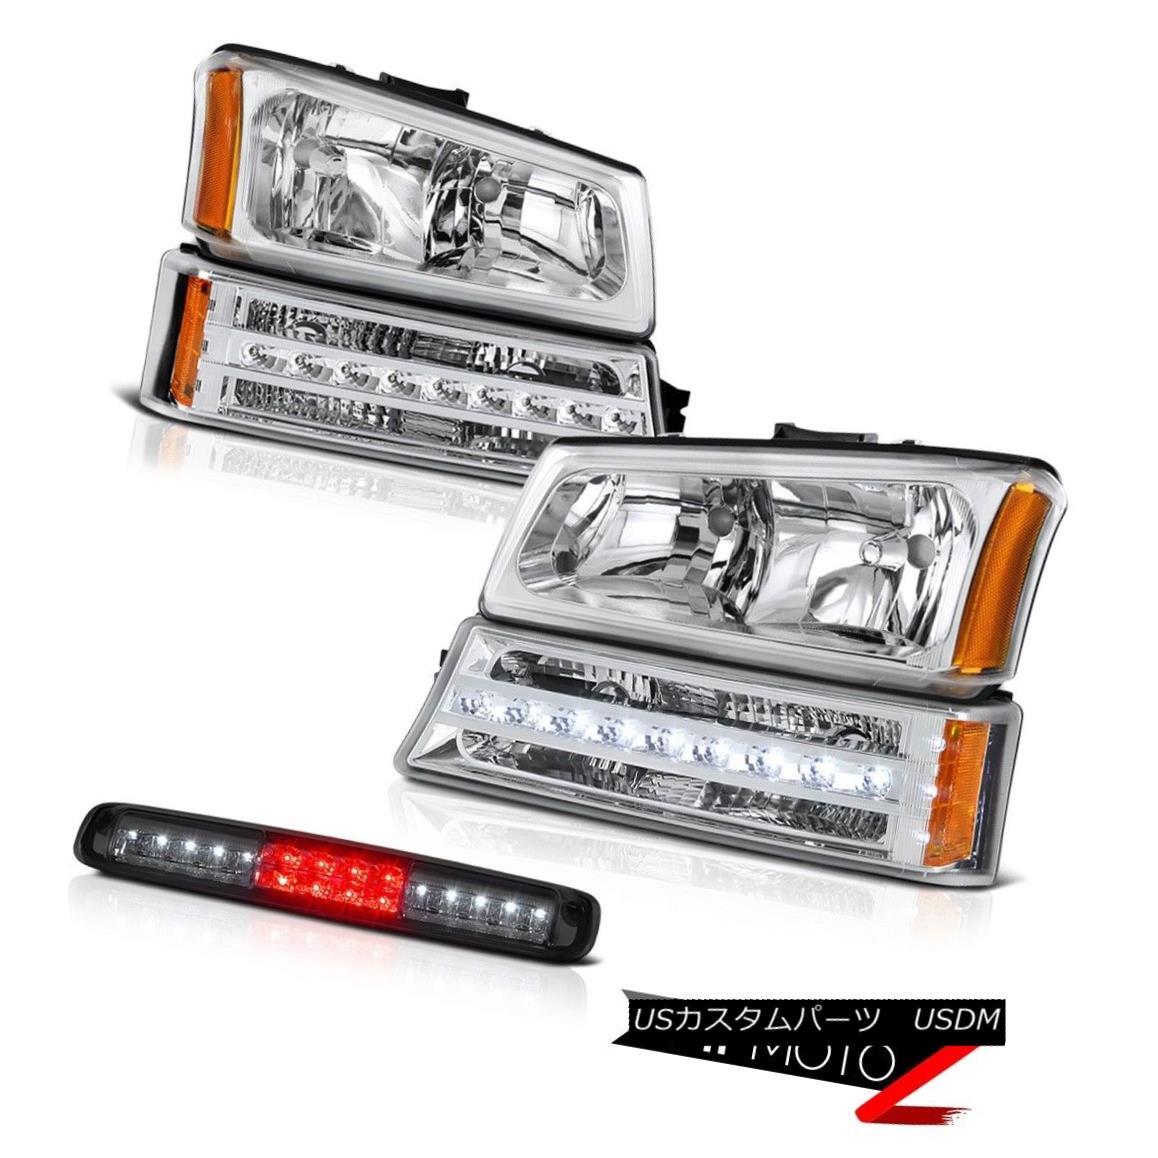 テールライト 2003-2006 Silverado 1500 Phantom Smoke Roof Cab Light Bumper Lamp Headlamps LED 2003-2006 Silverado 1500ファントムスモークルーフキャブライトバンパーランプヘッドライトLED